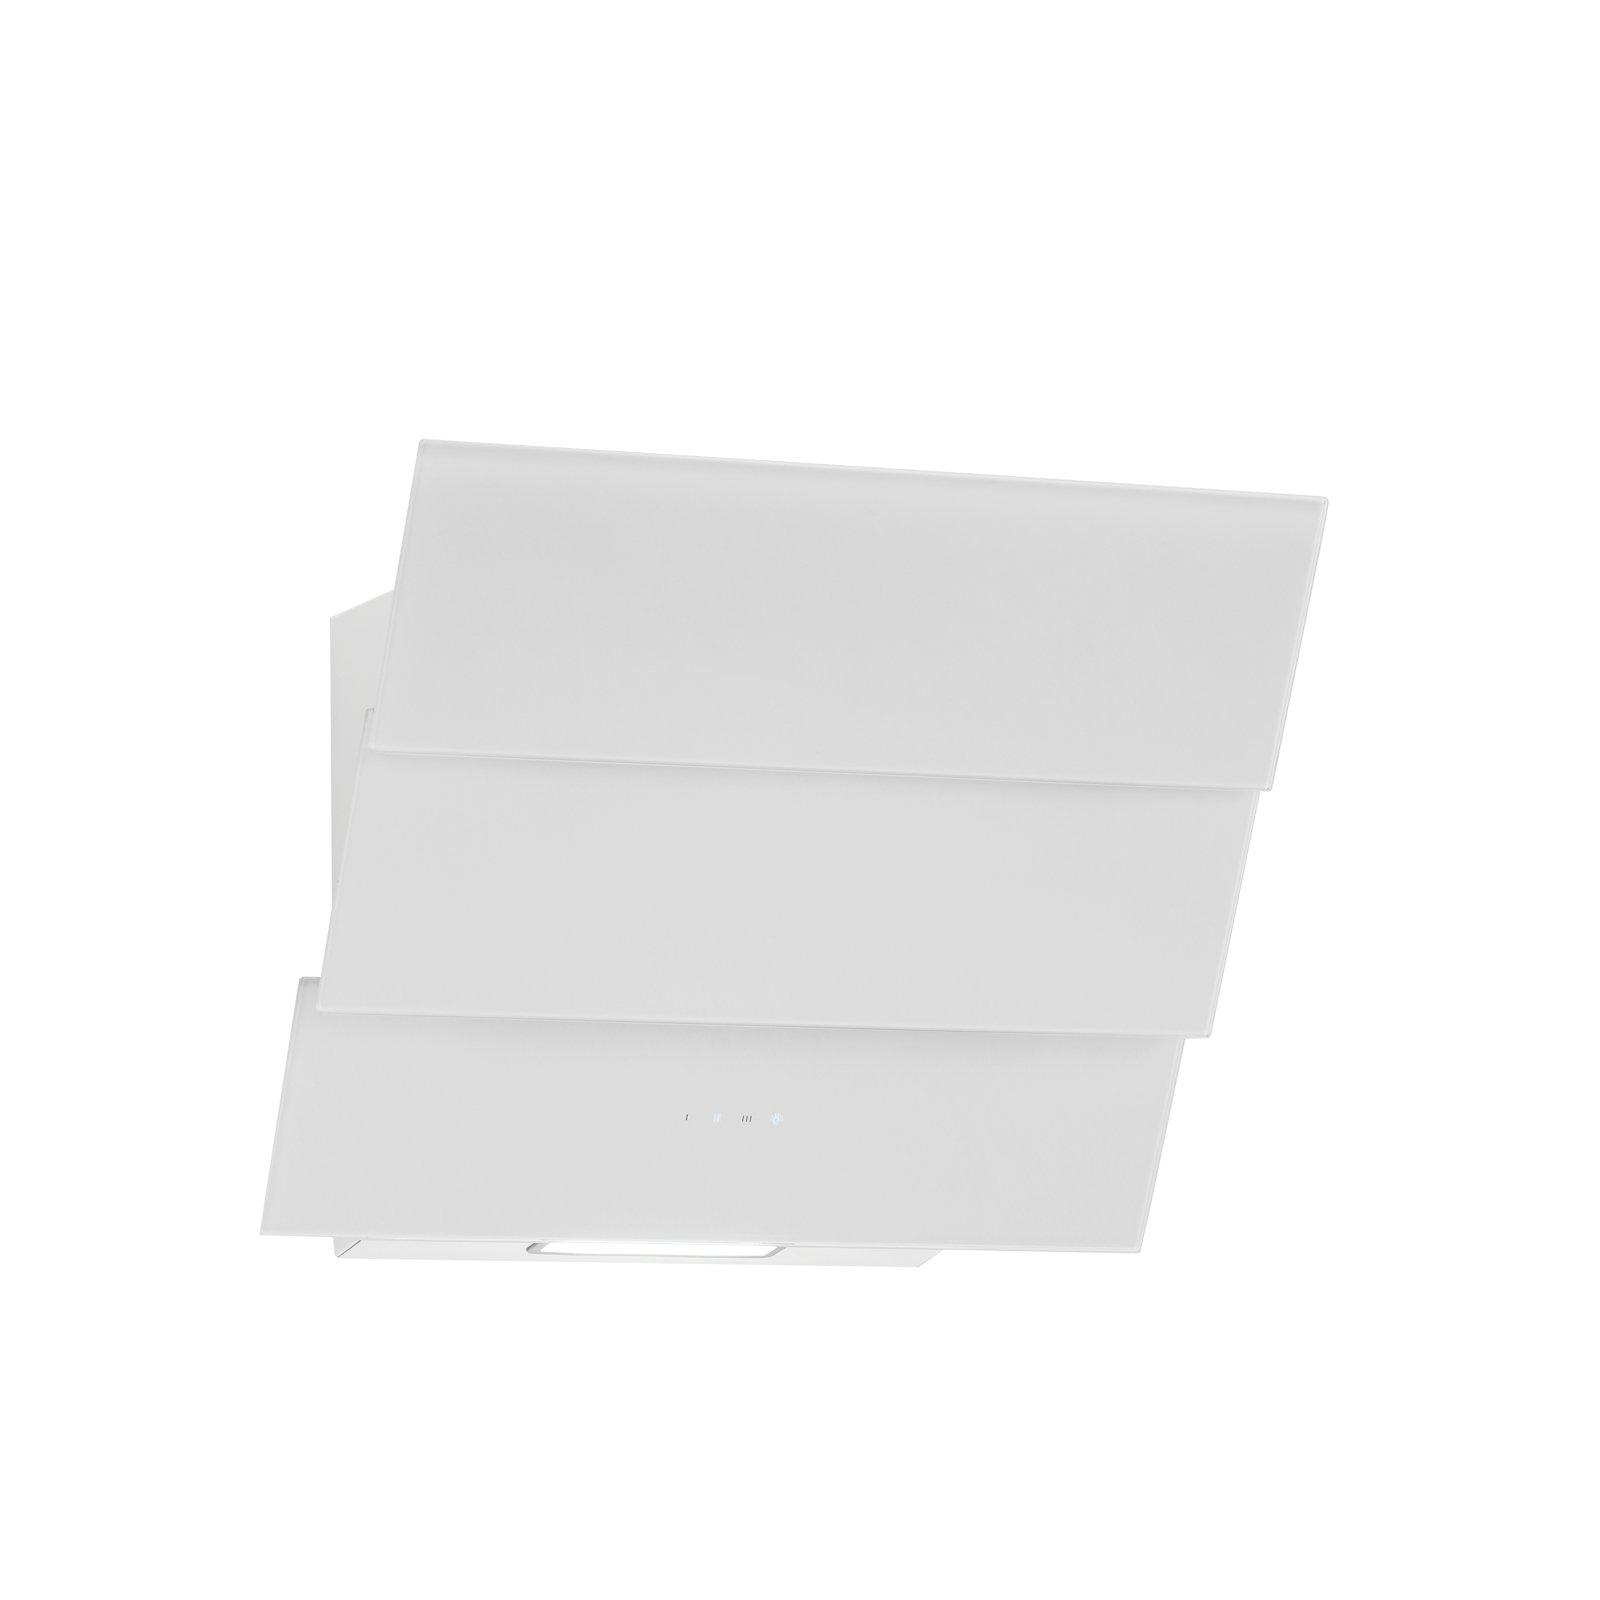 Campana extractora libre de cabeza Atria Blanco Cristal 60 cm, eficiencia energética: A 850 m³/h Motor Chimenea Color Blanco: Amazon.es: Grandes electrodomésticos